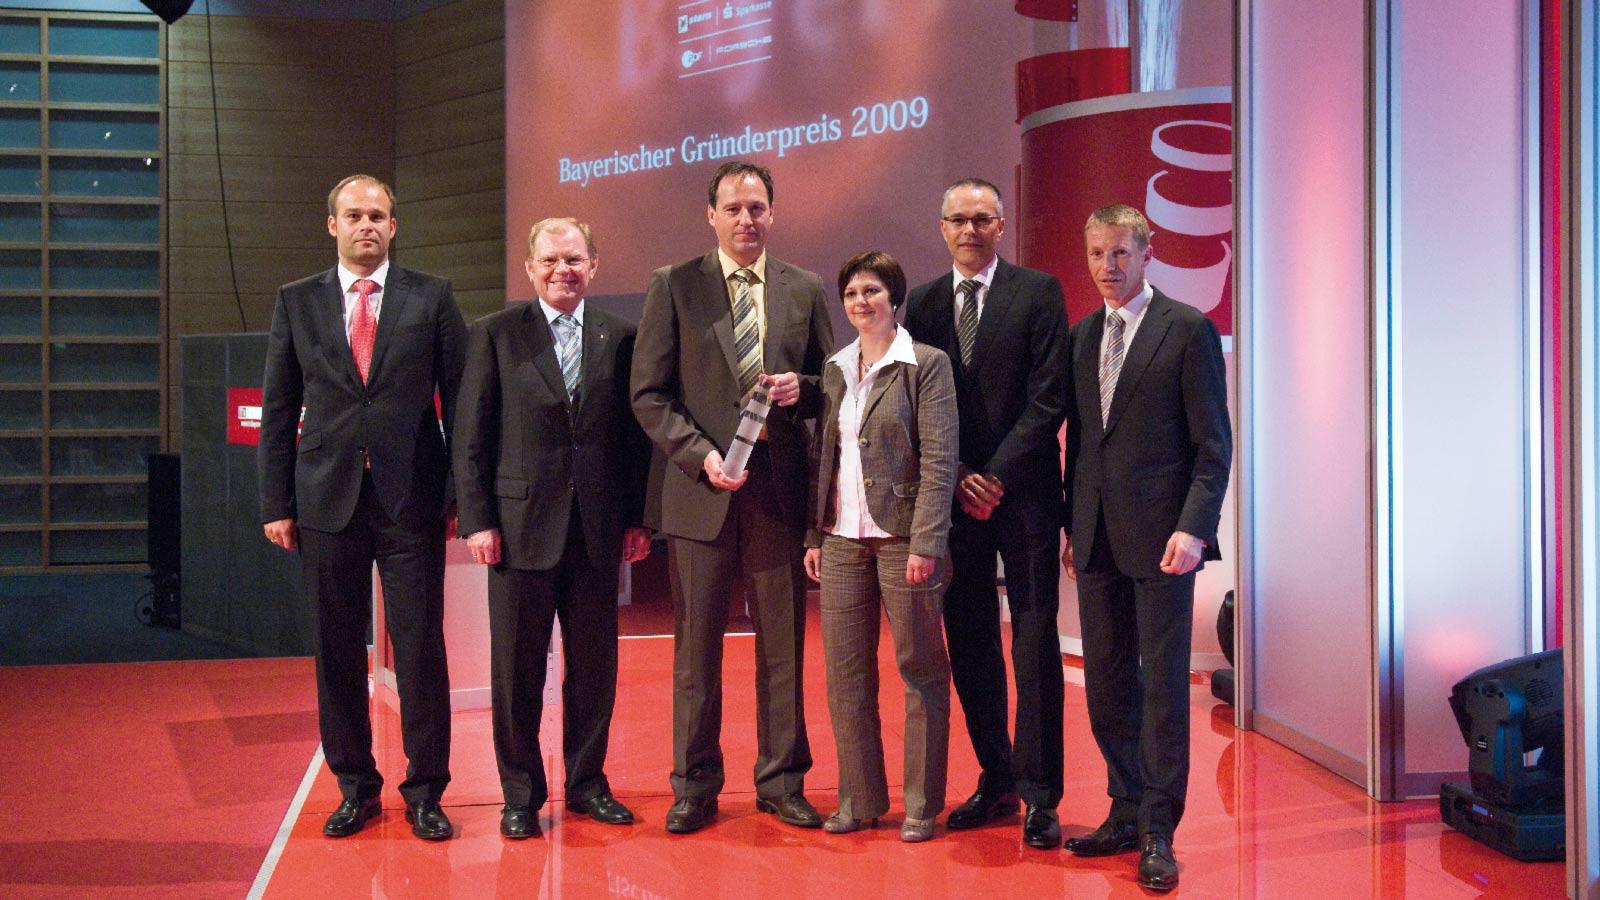 Lentner_BayerischerGruenderpreis2009_01.jpg